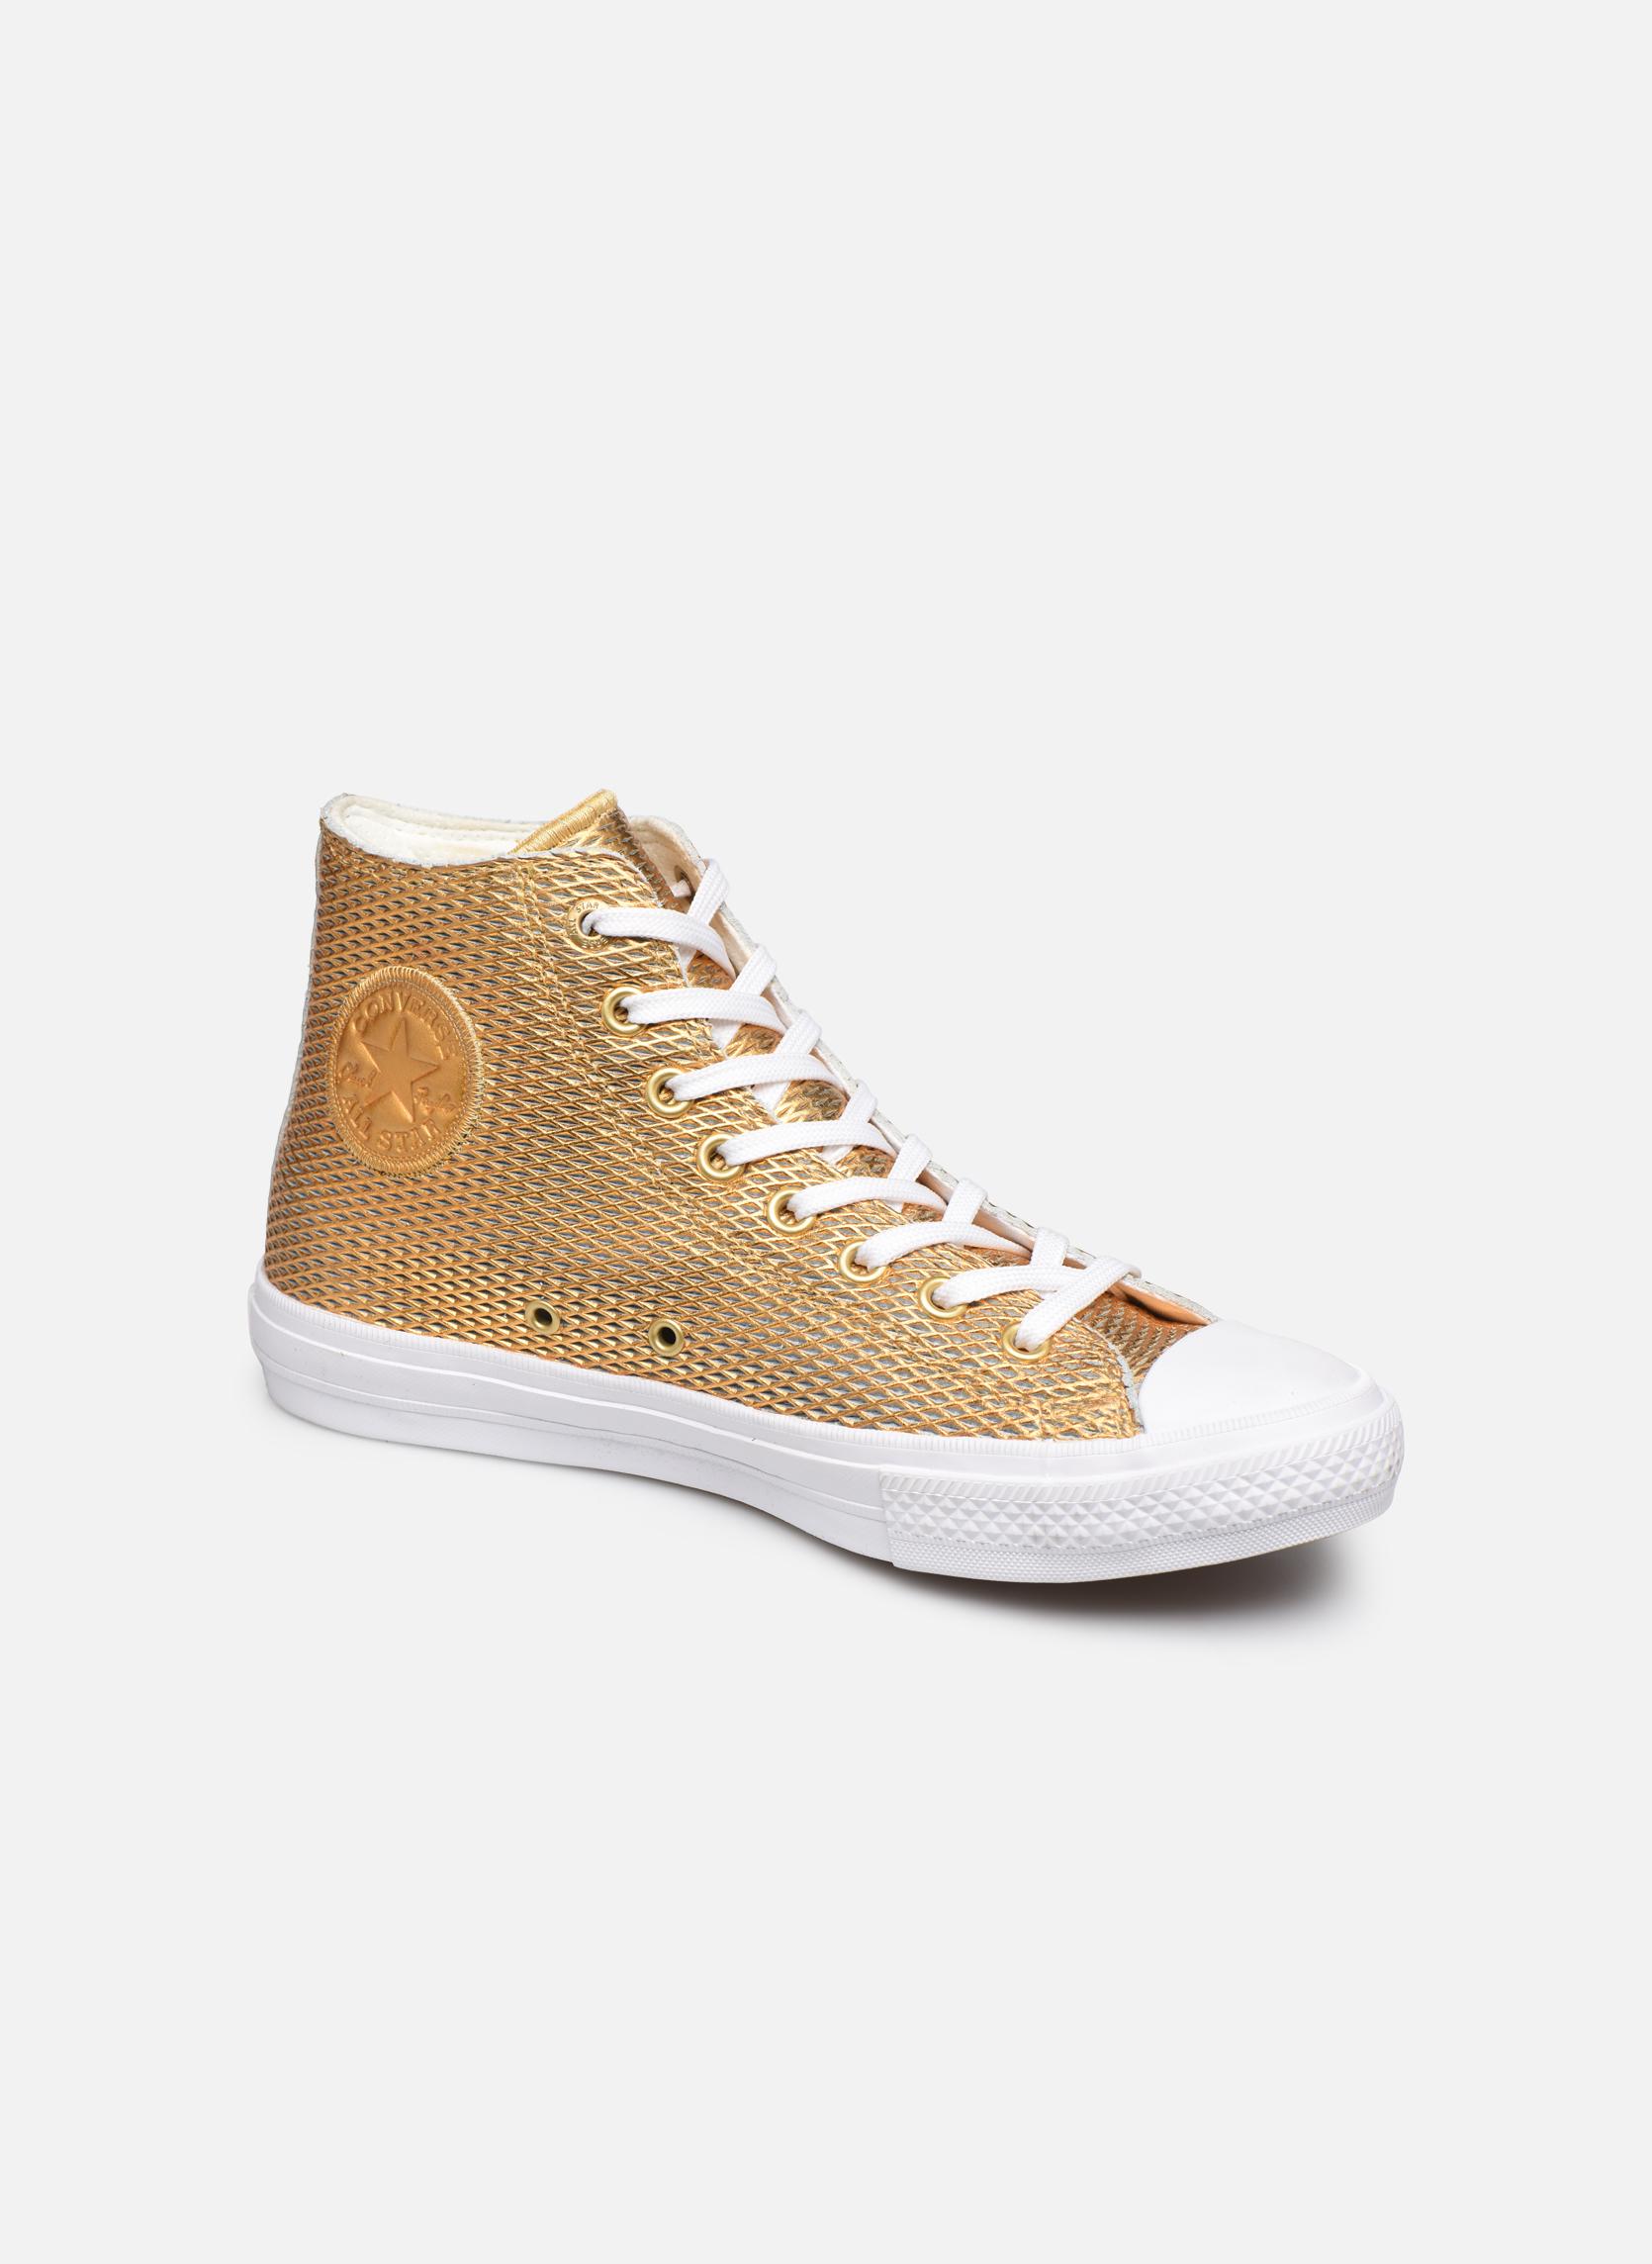 bc8cc985ee Grandes descuentos últimos zapatos Converse Chuck Taylor All Star II Hi  Perf Metallic Leather (Oro y bronce) - Deportivas Descuento ca0416 -  tuiteamelo.es